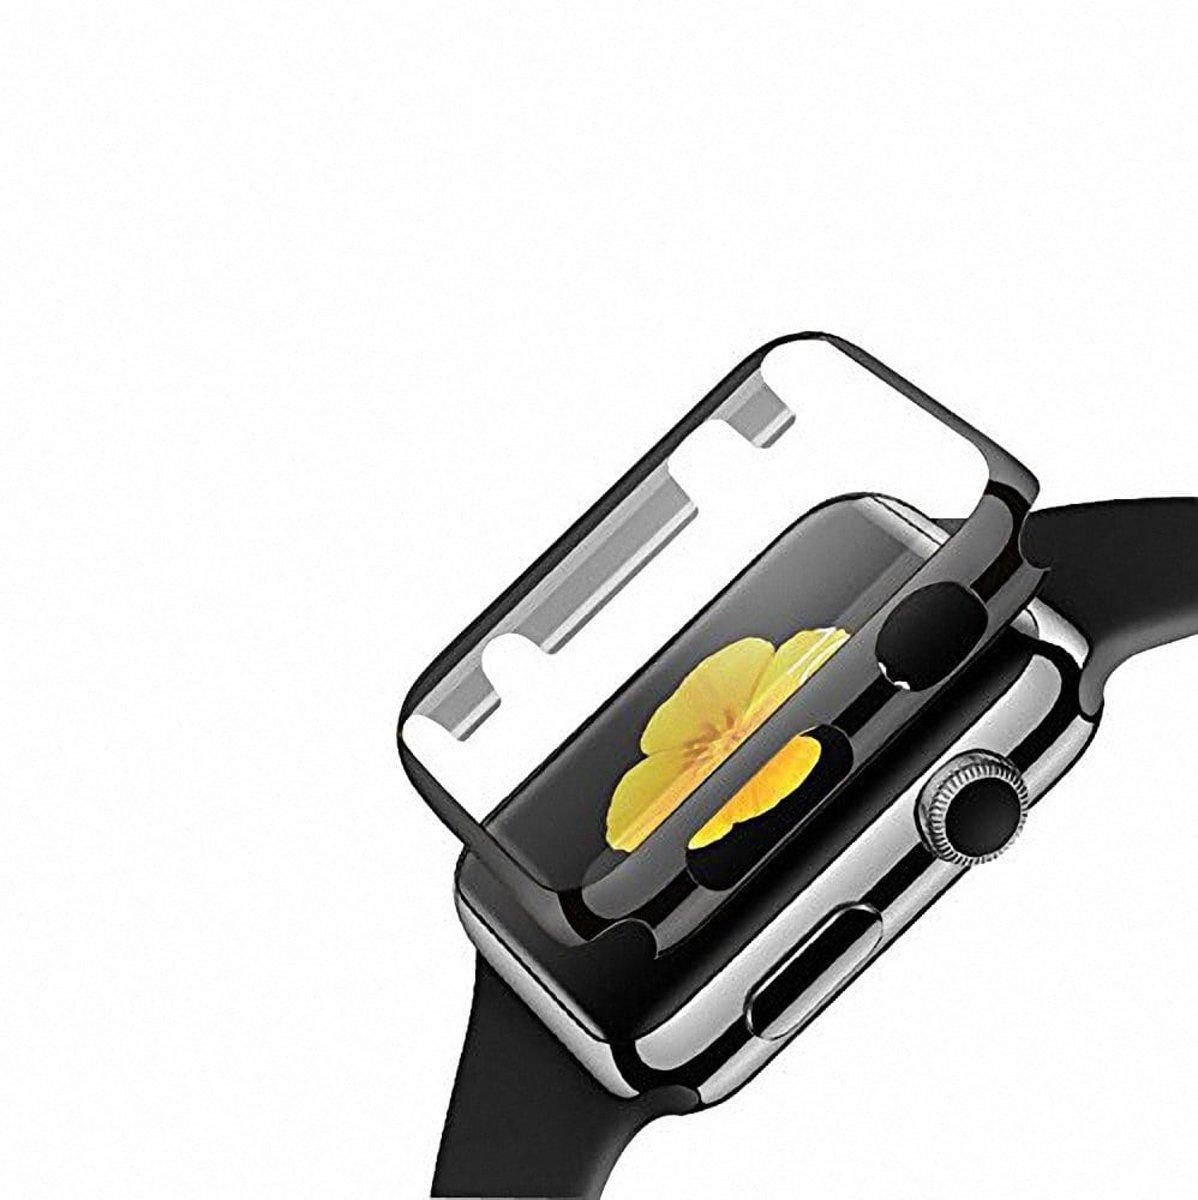 42mm Case Cover Screen Protector zwart 4H Protected Knocks Watch Cases voor Apple watch voor iwatch 2 | Watchbands-shop.nl kopen